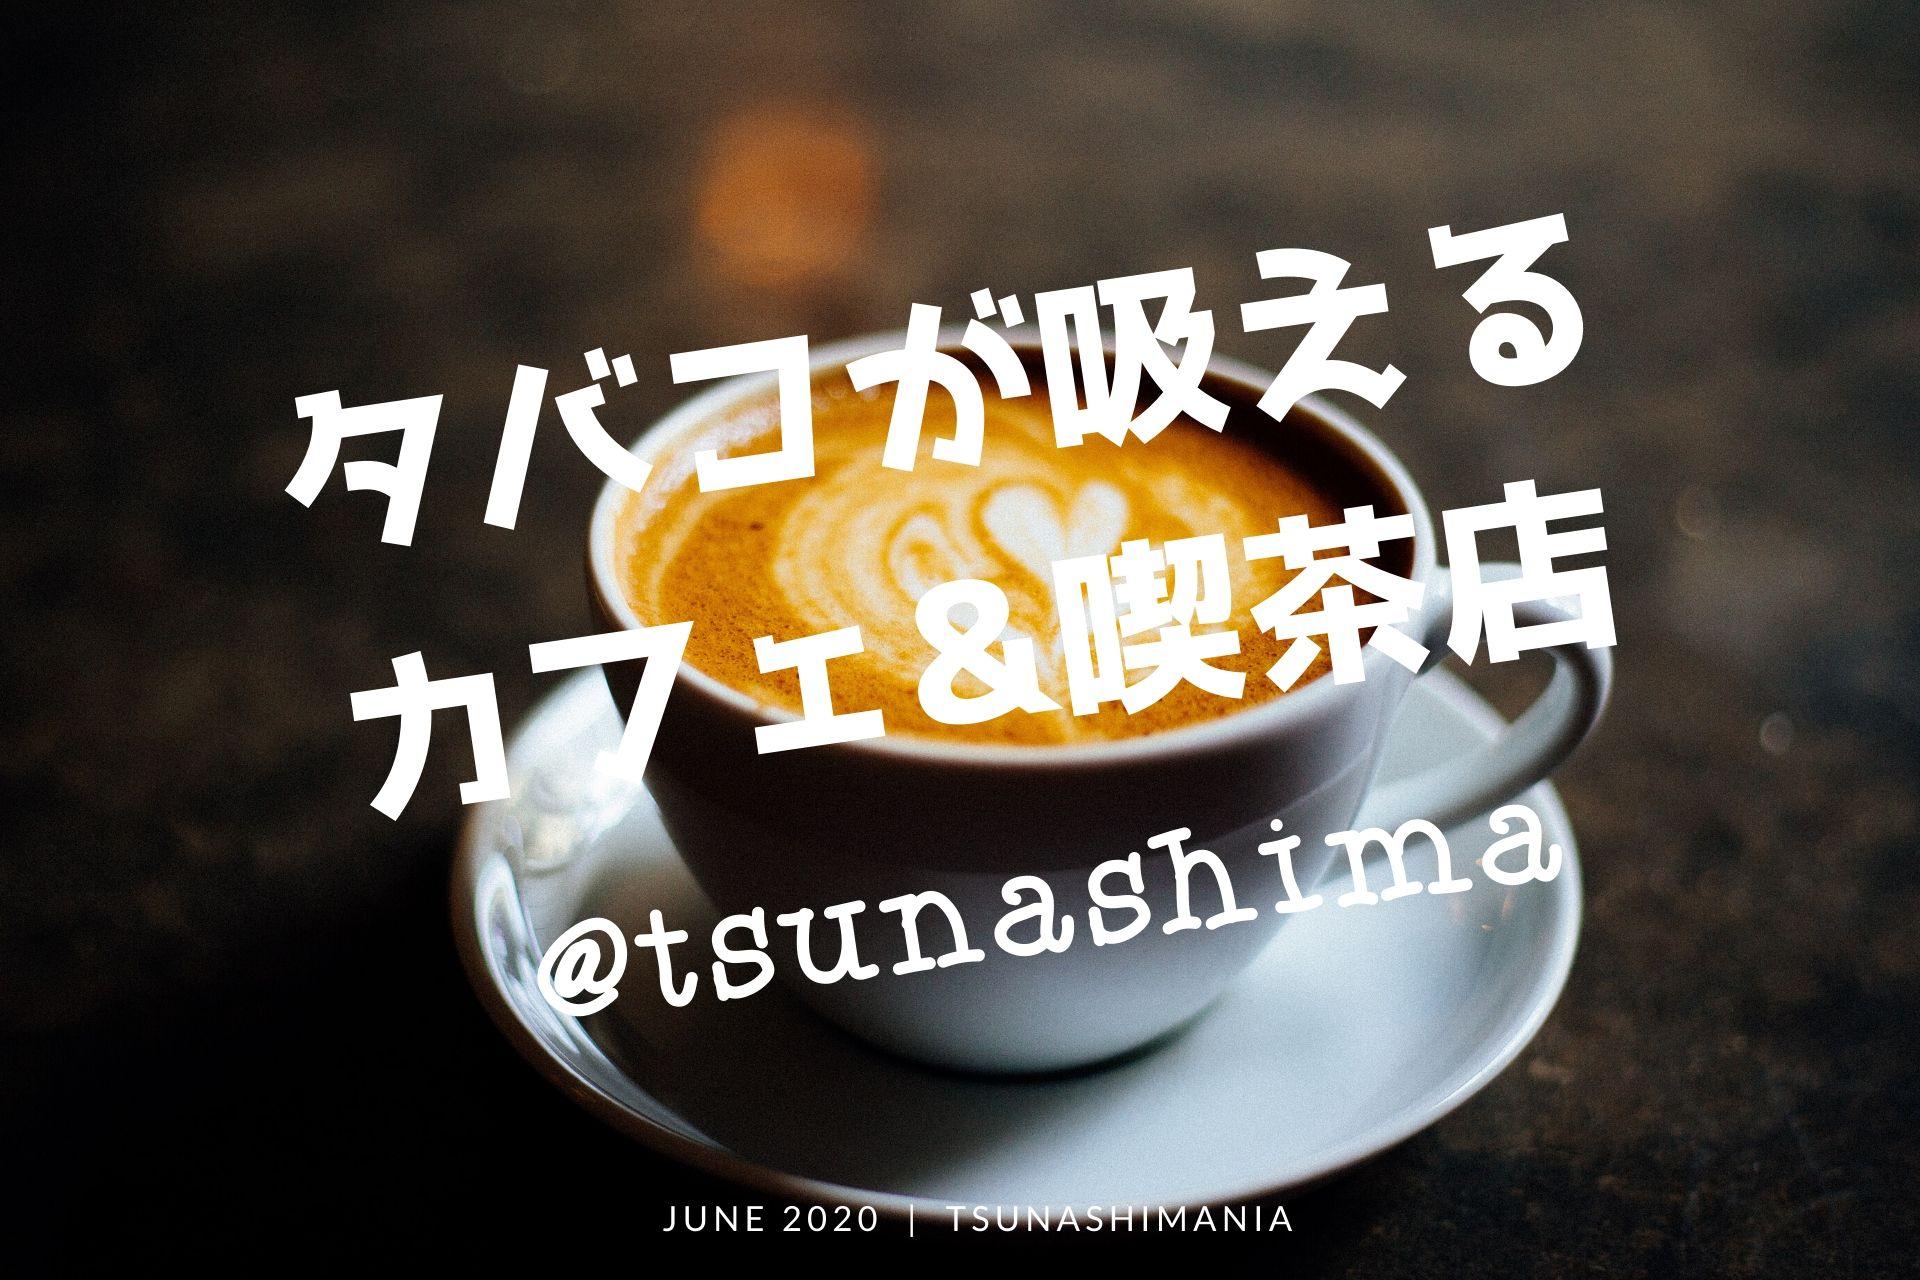 喫煙可のカフェ&喫茶店